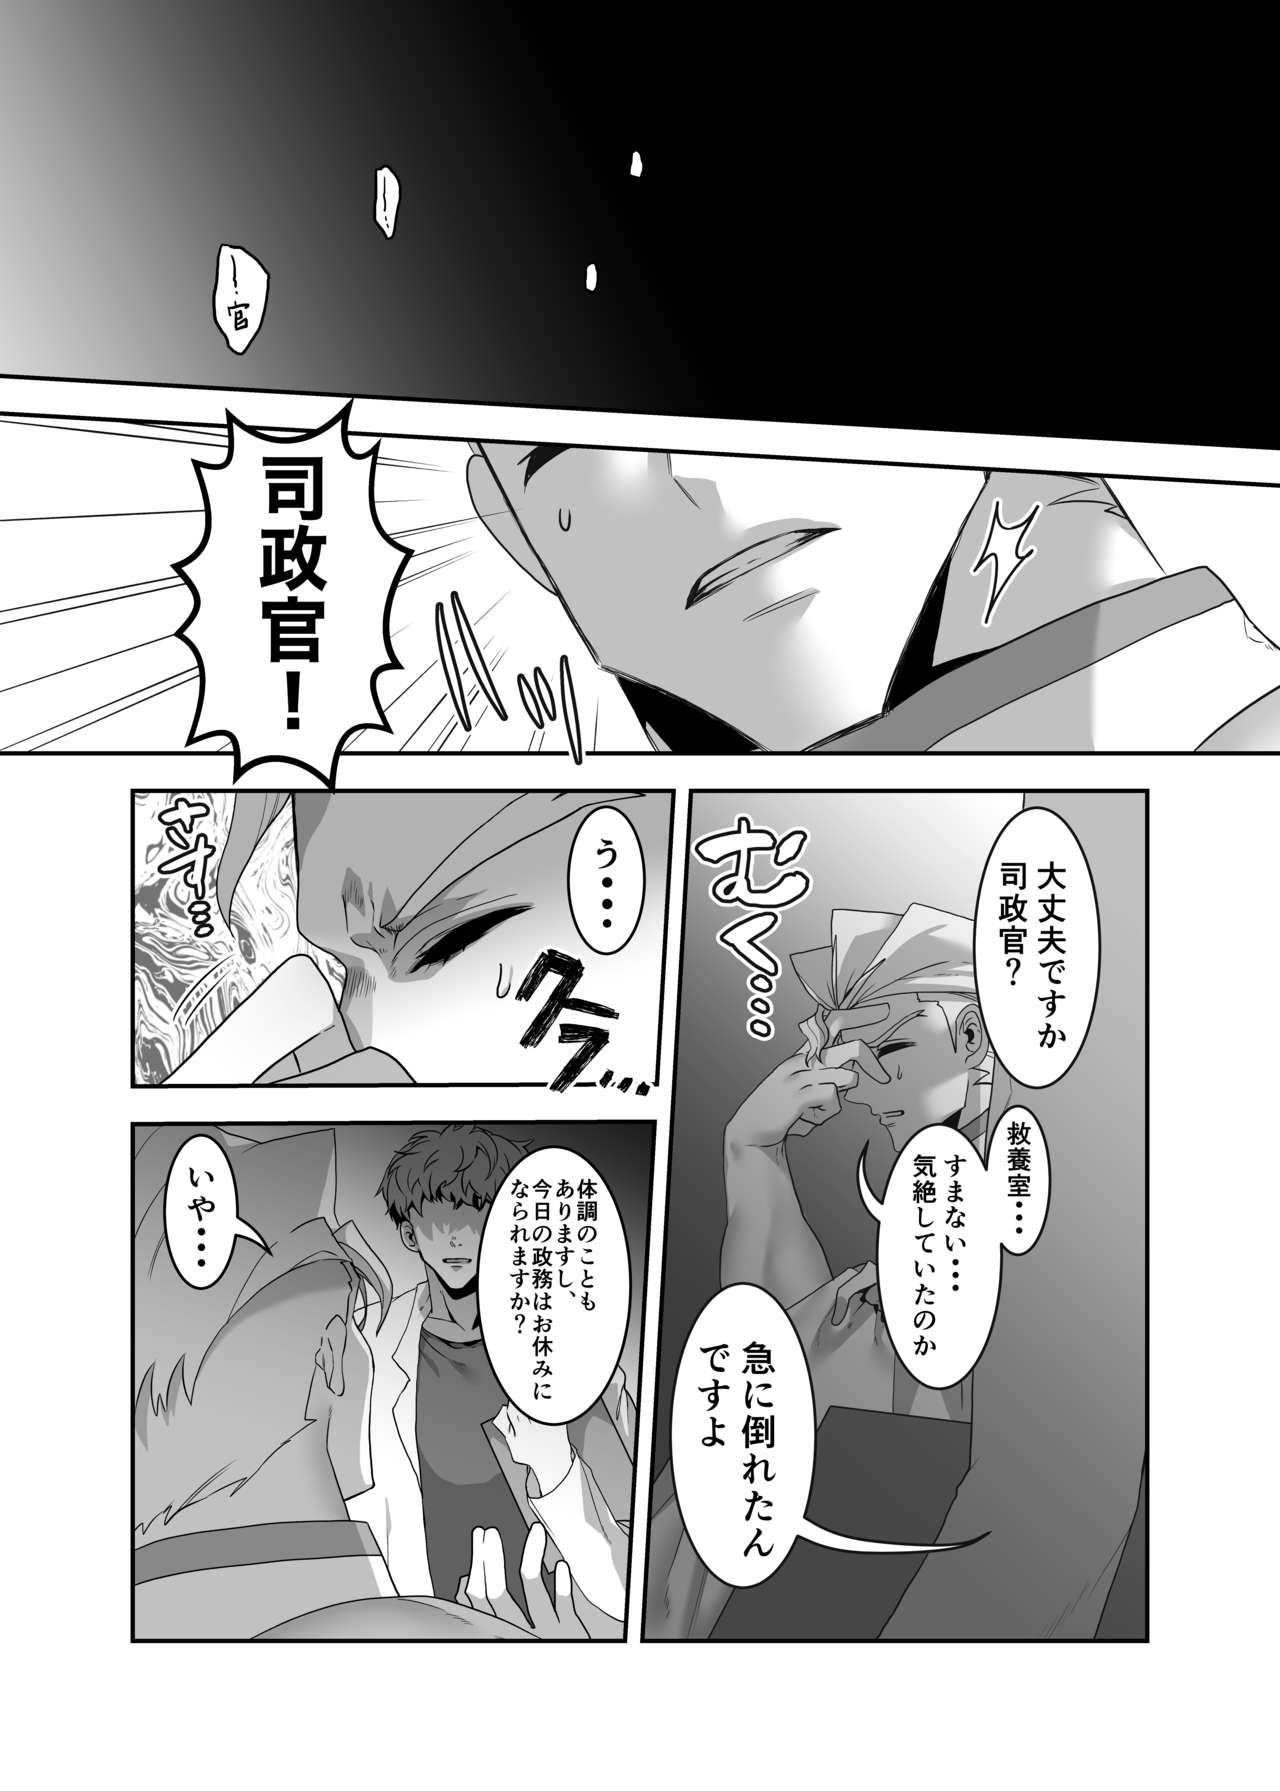 Masaka Ano Promepolis Shiseikan ga Saimin Appli de Seidorei ni Ochiru nante 2